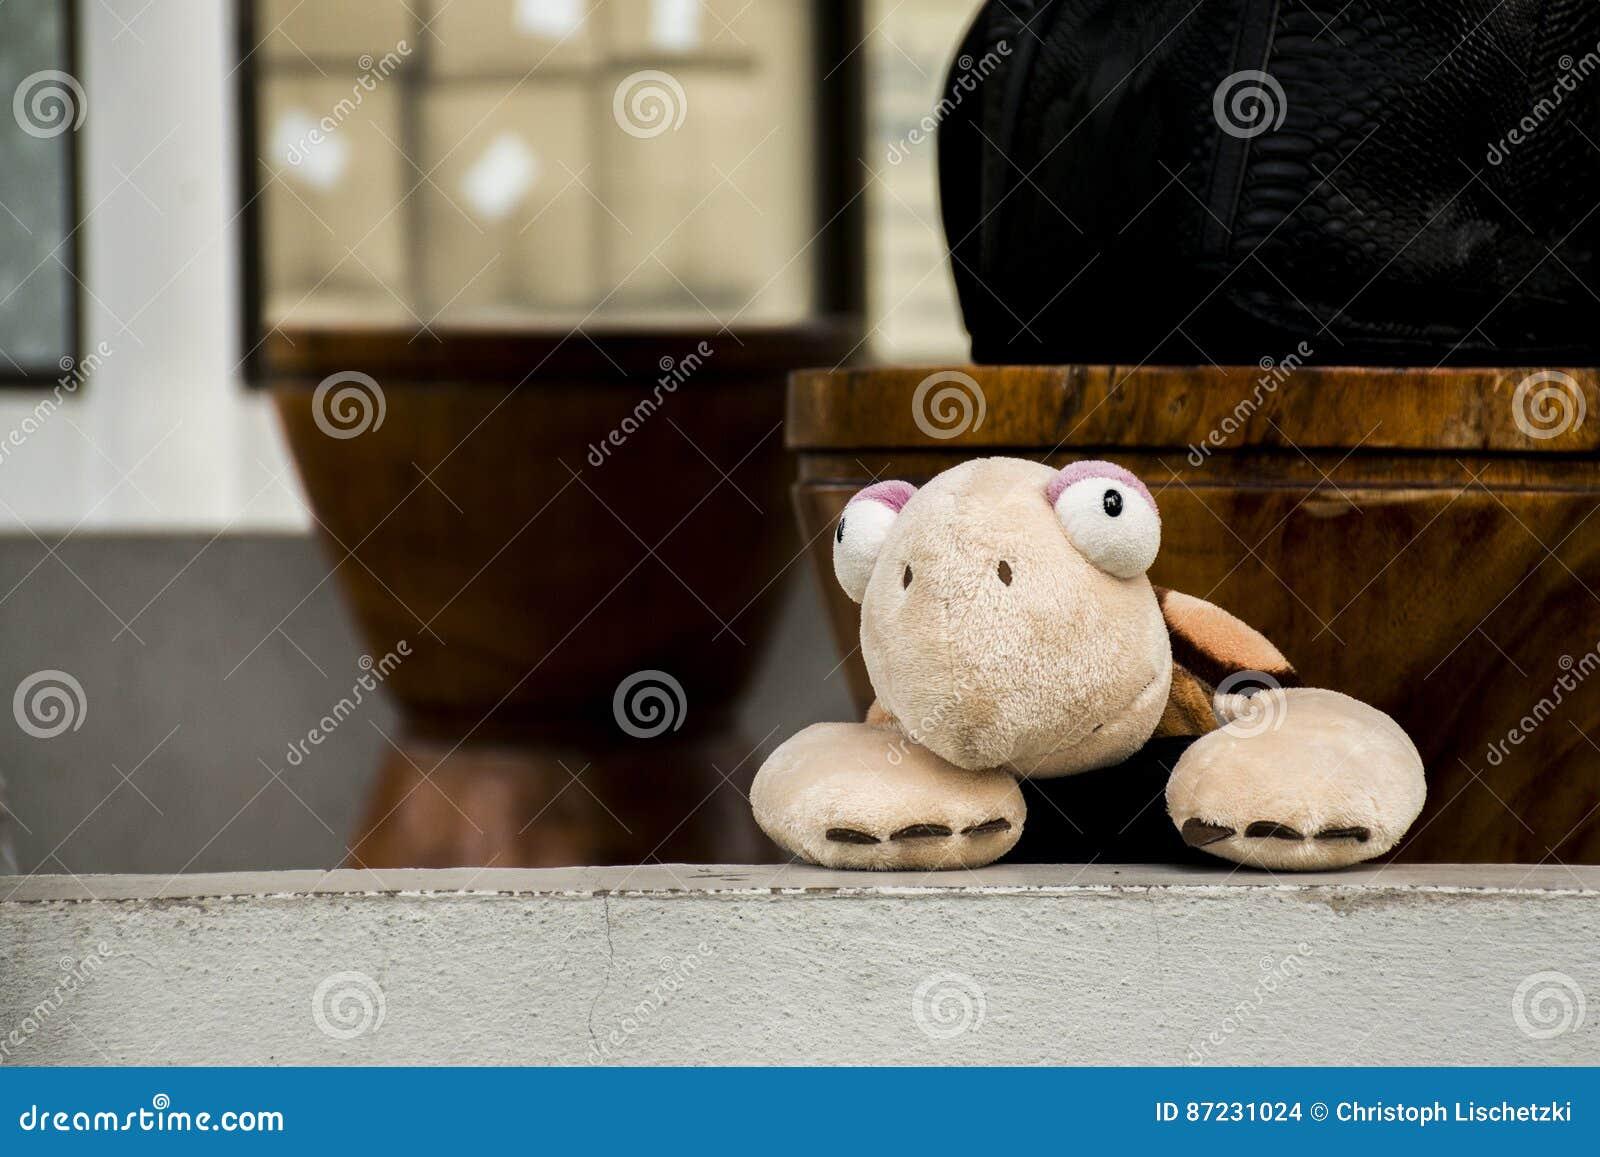 Juguete lindo de la marioneta de la tortuga que presenta la cámara interior